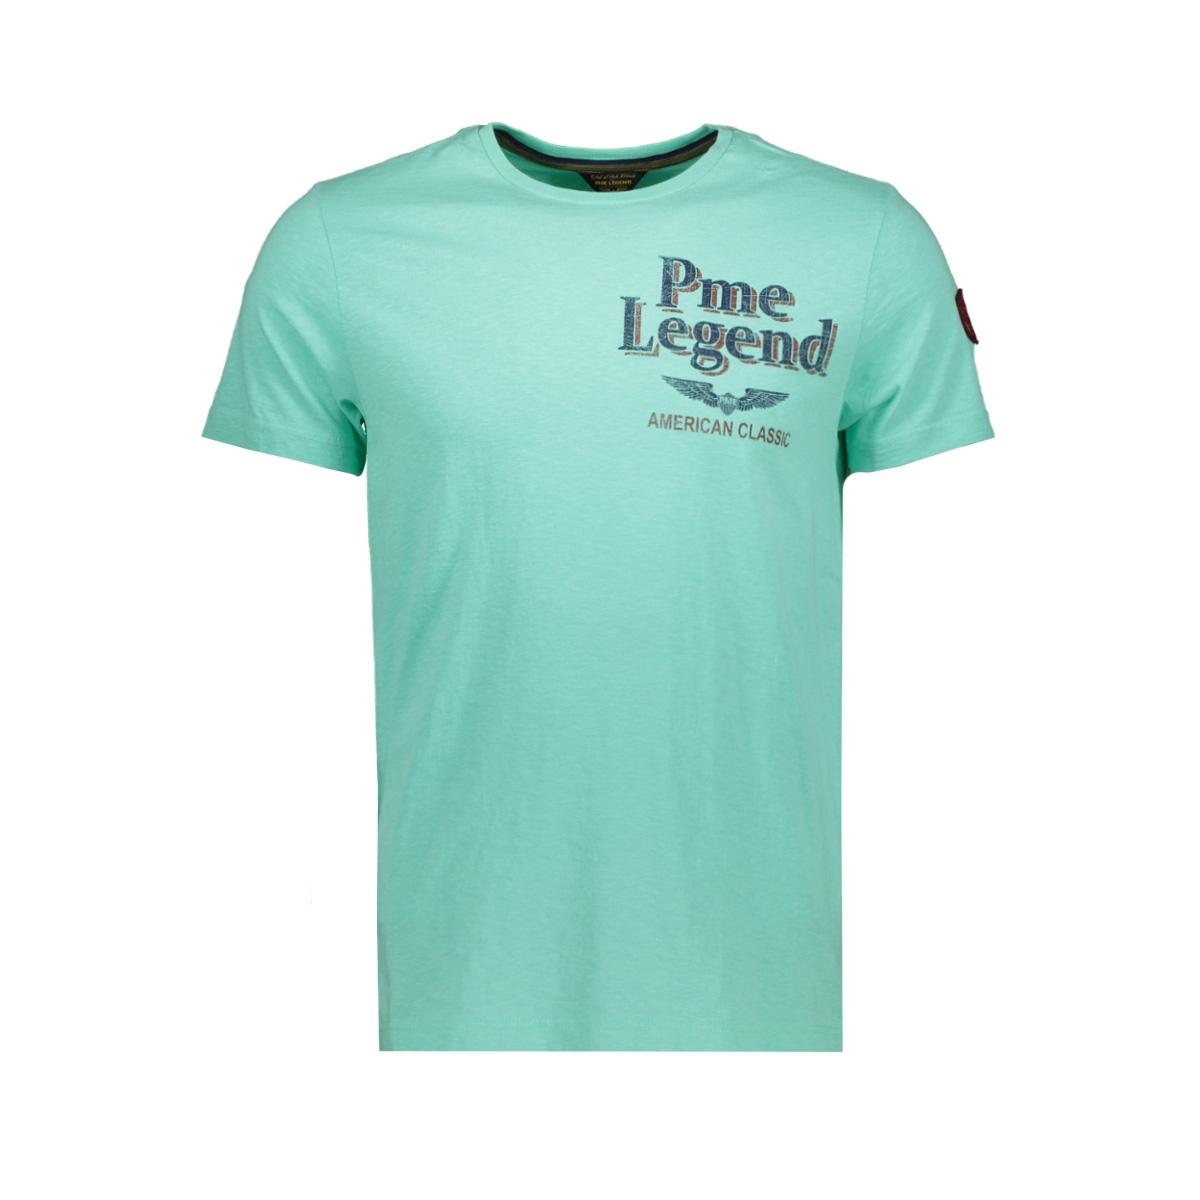 shortsleeve t shirt ptss194539 pme legend t-shirt 6097